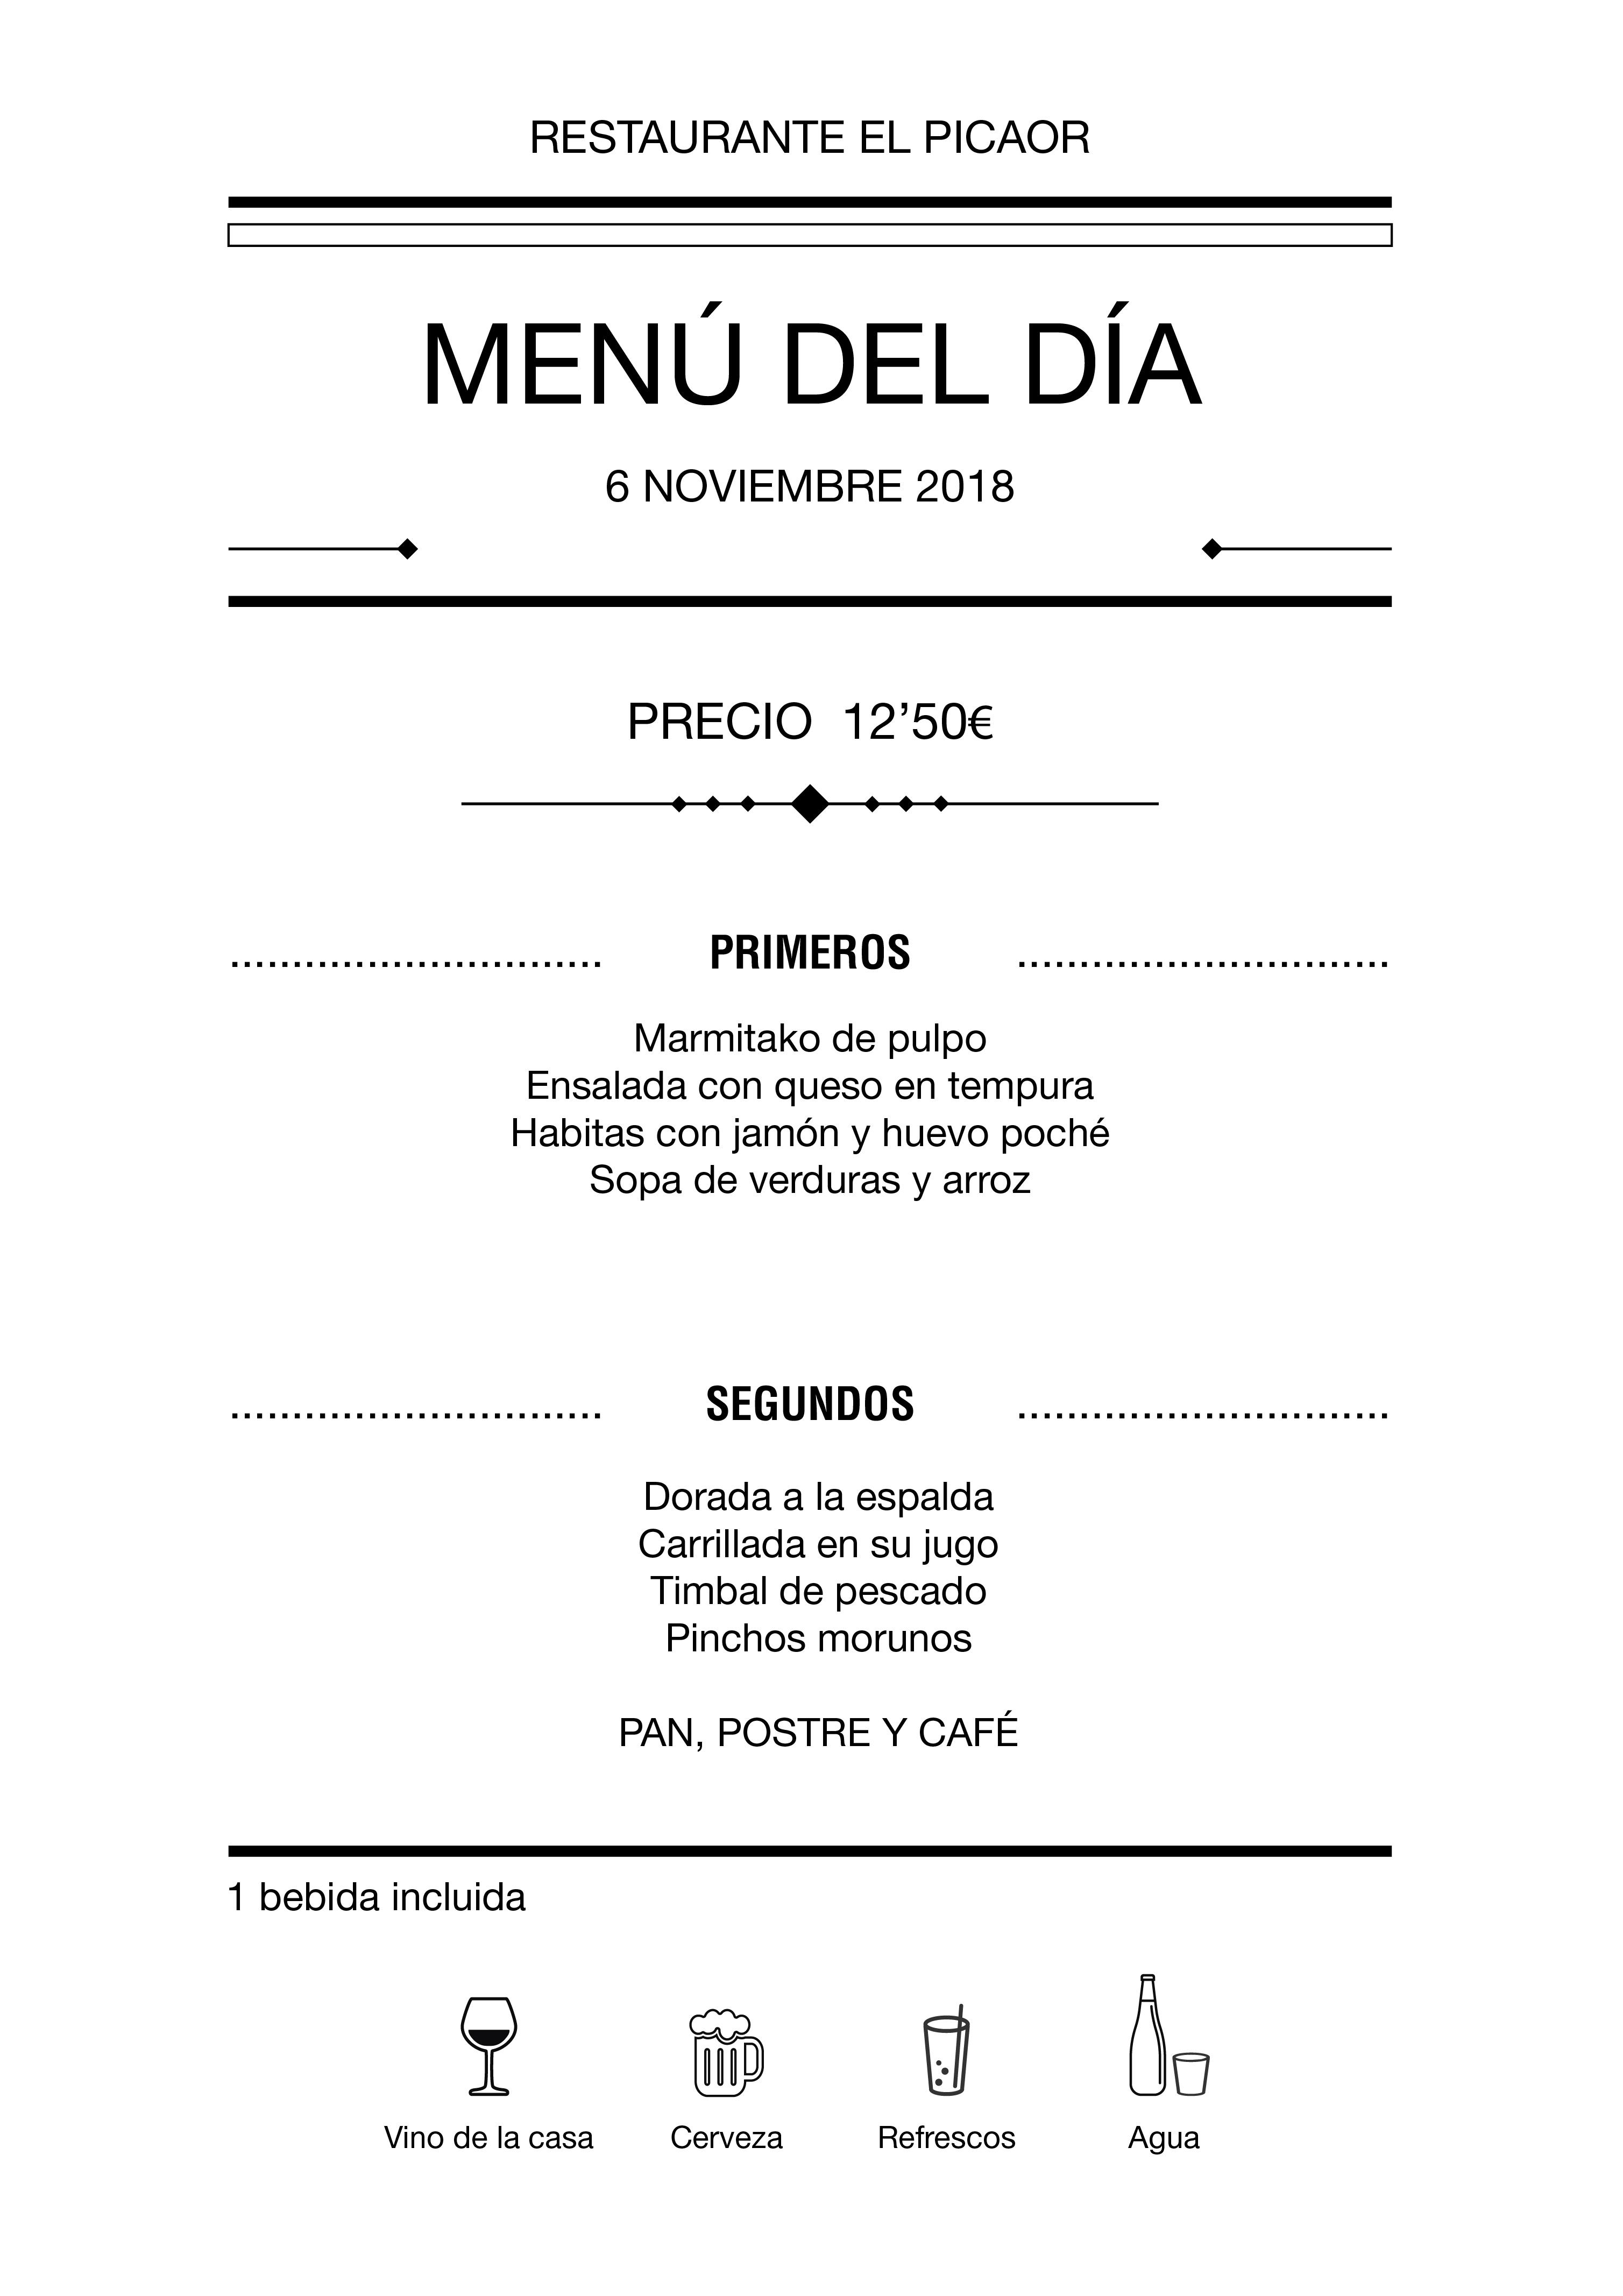 Menú diario El Picaor 06/11/18